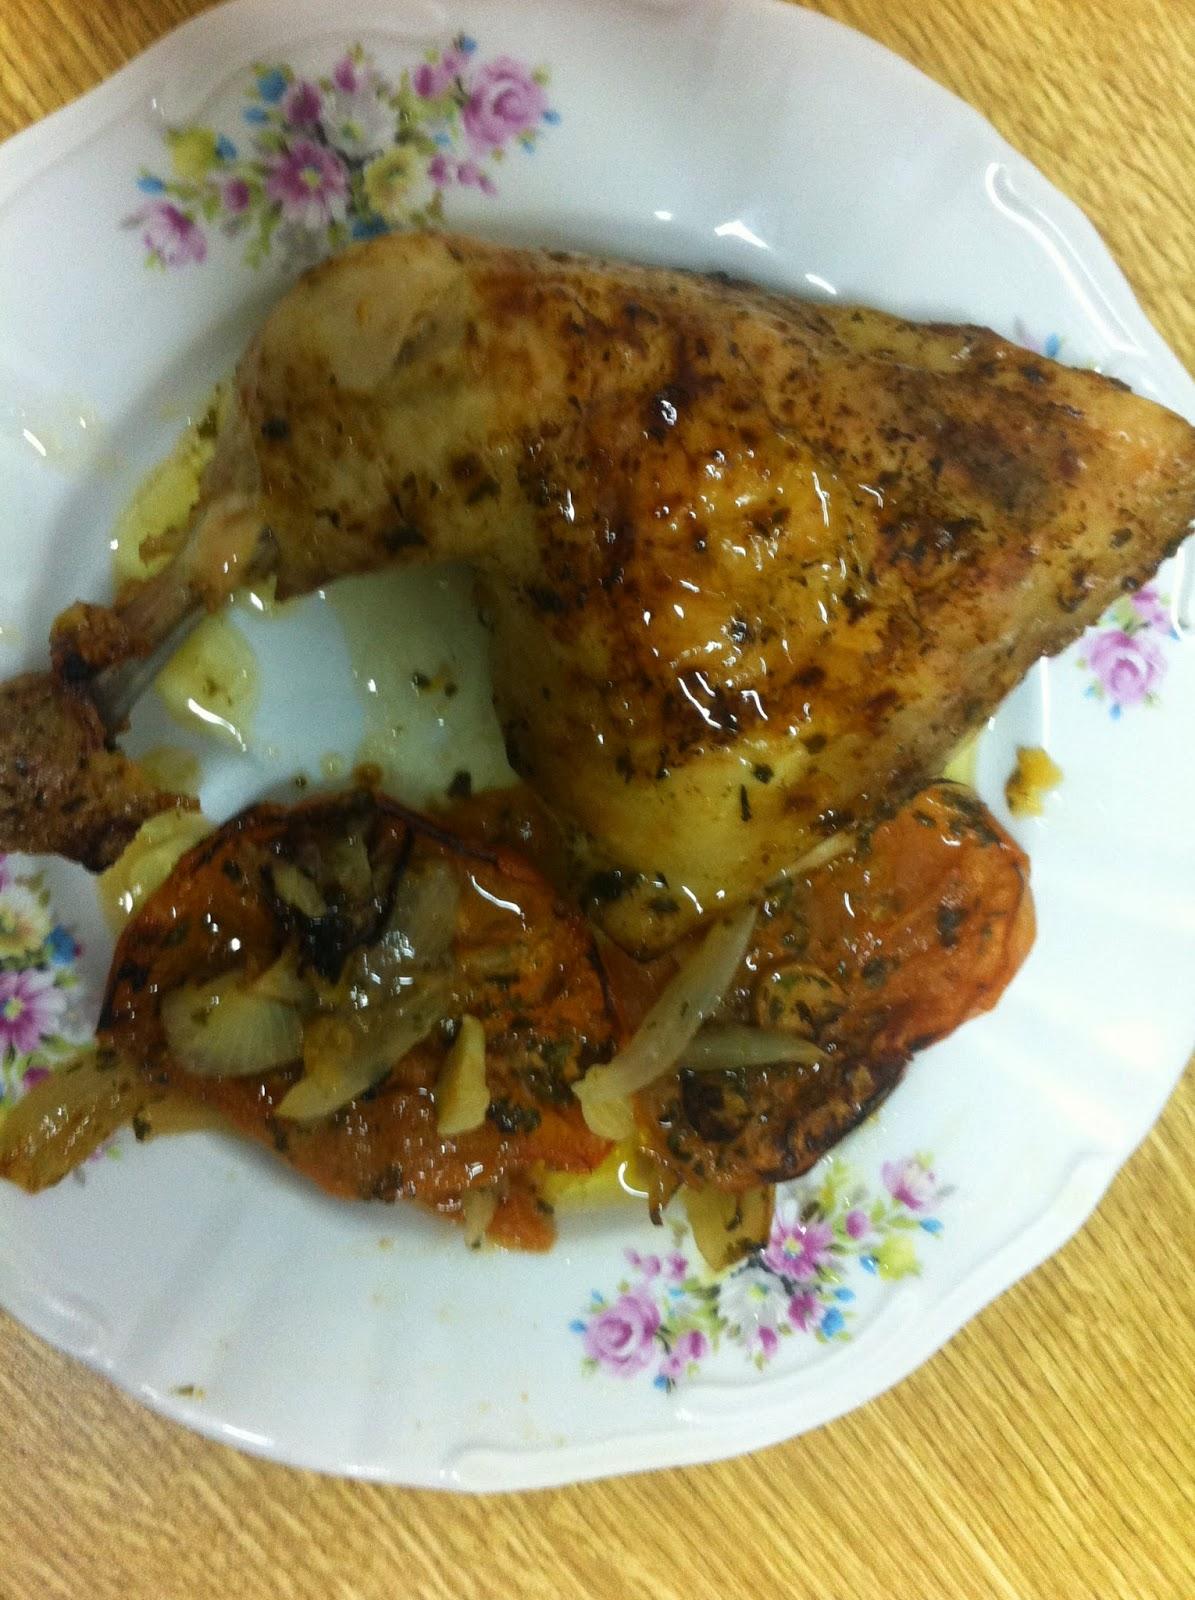 La cocina de Beli: Cuartos traseros de pollo al horno